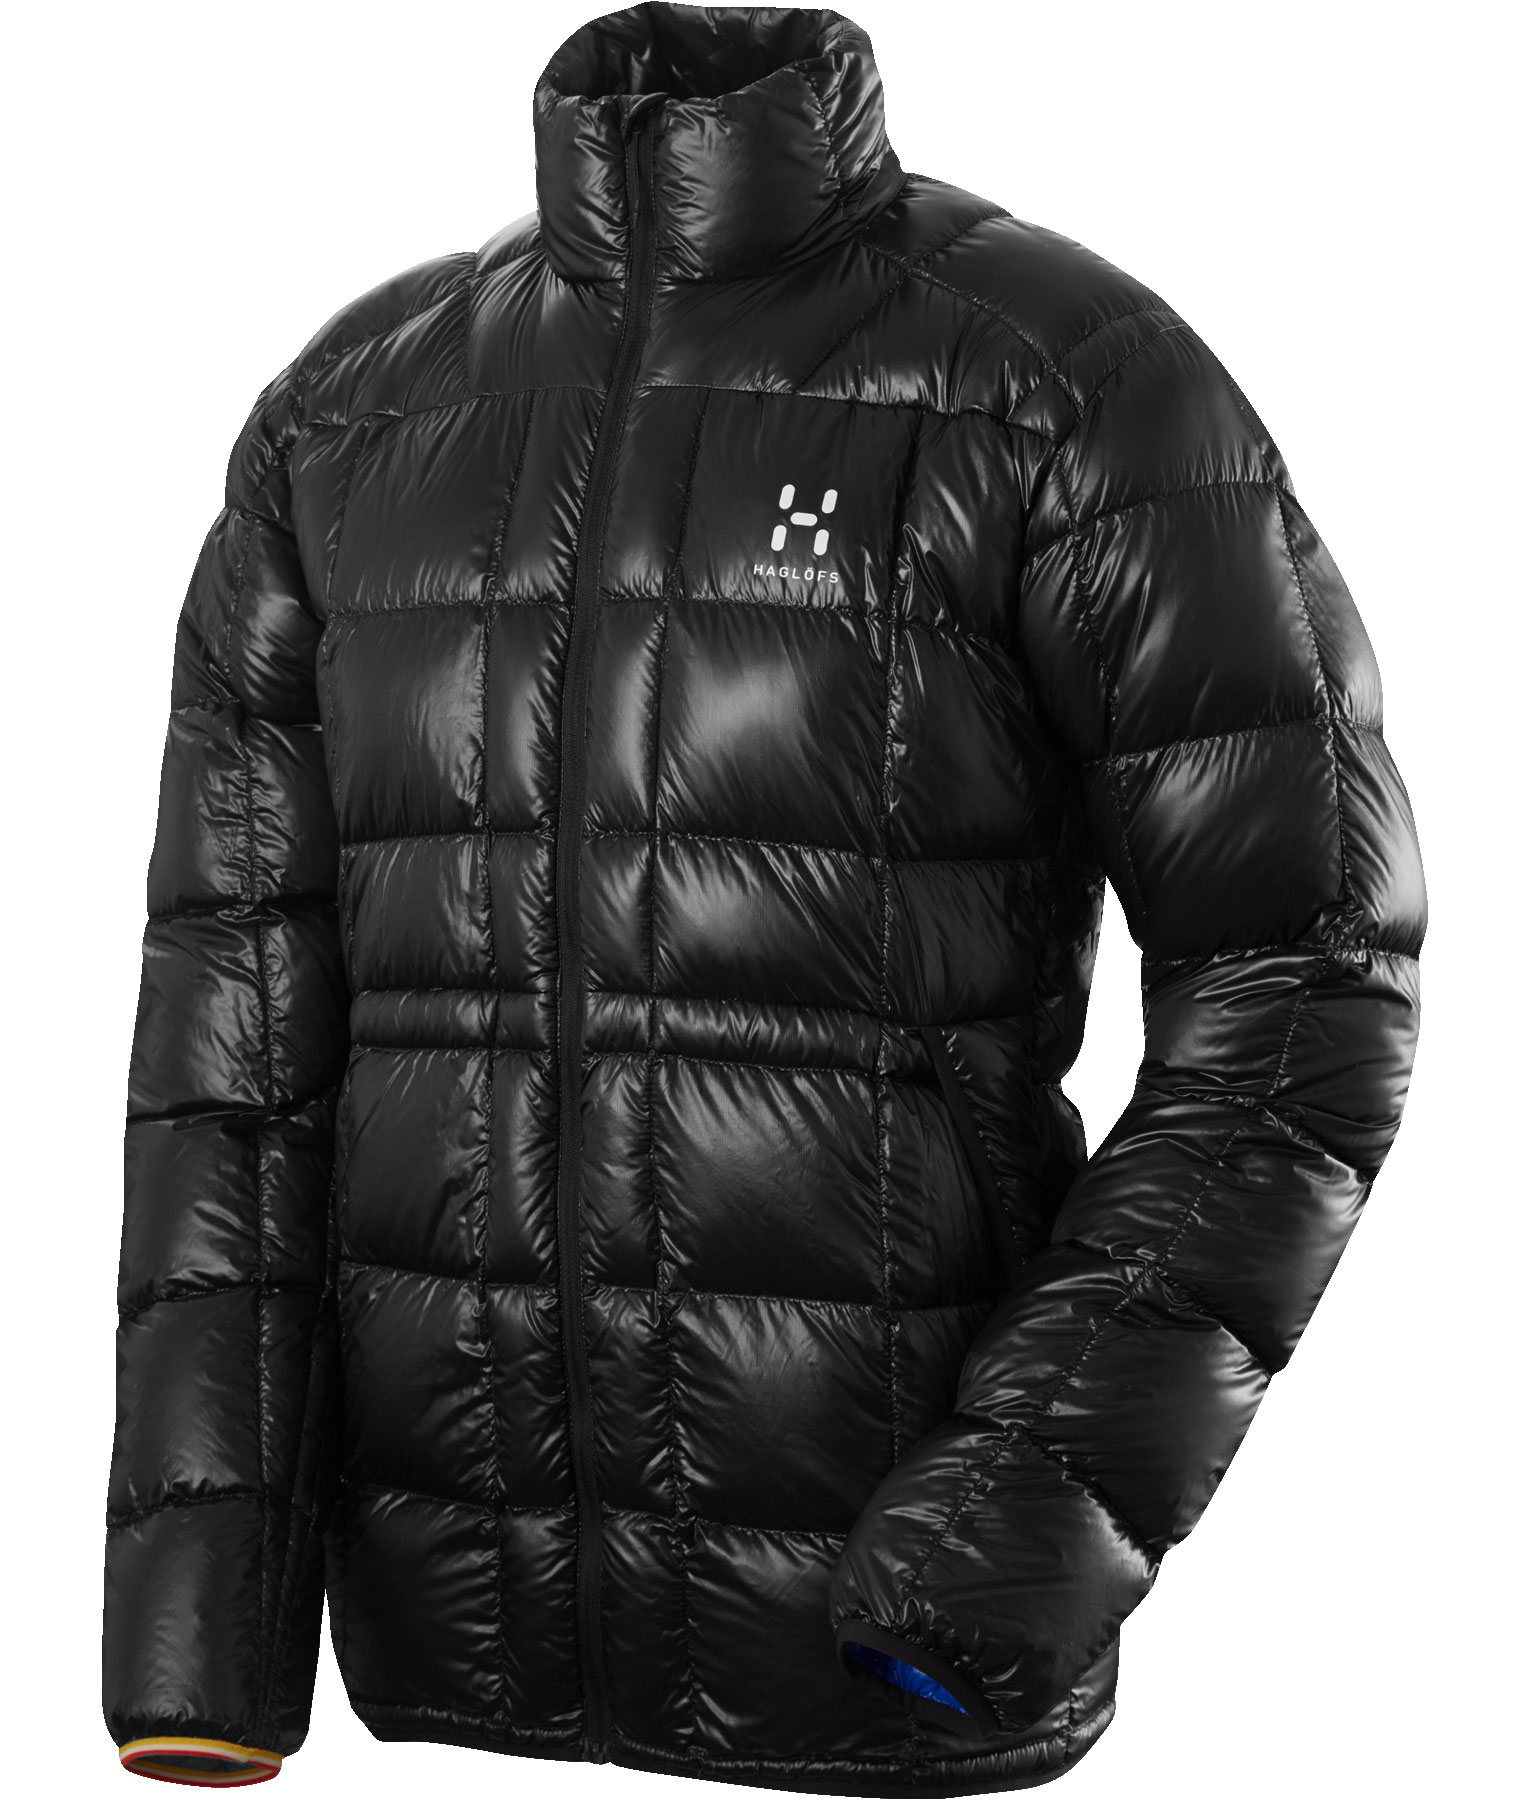 Haglöfs L.I.M. Essens Jacket true black